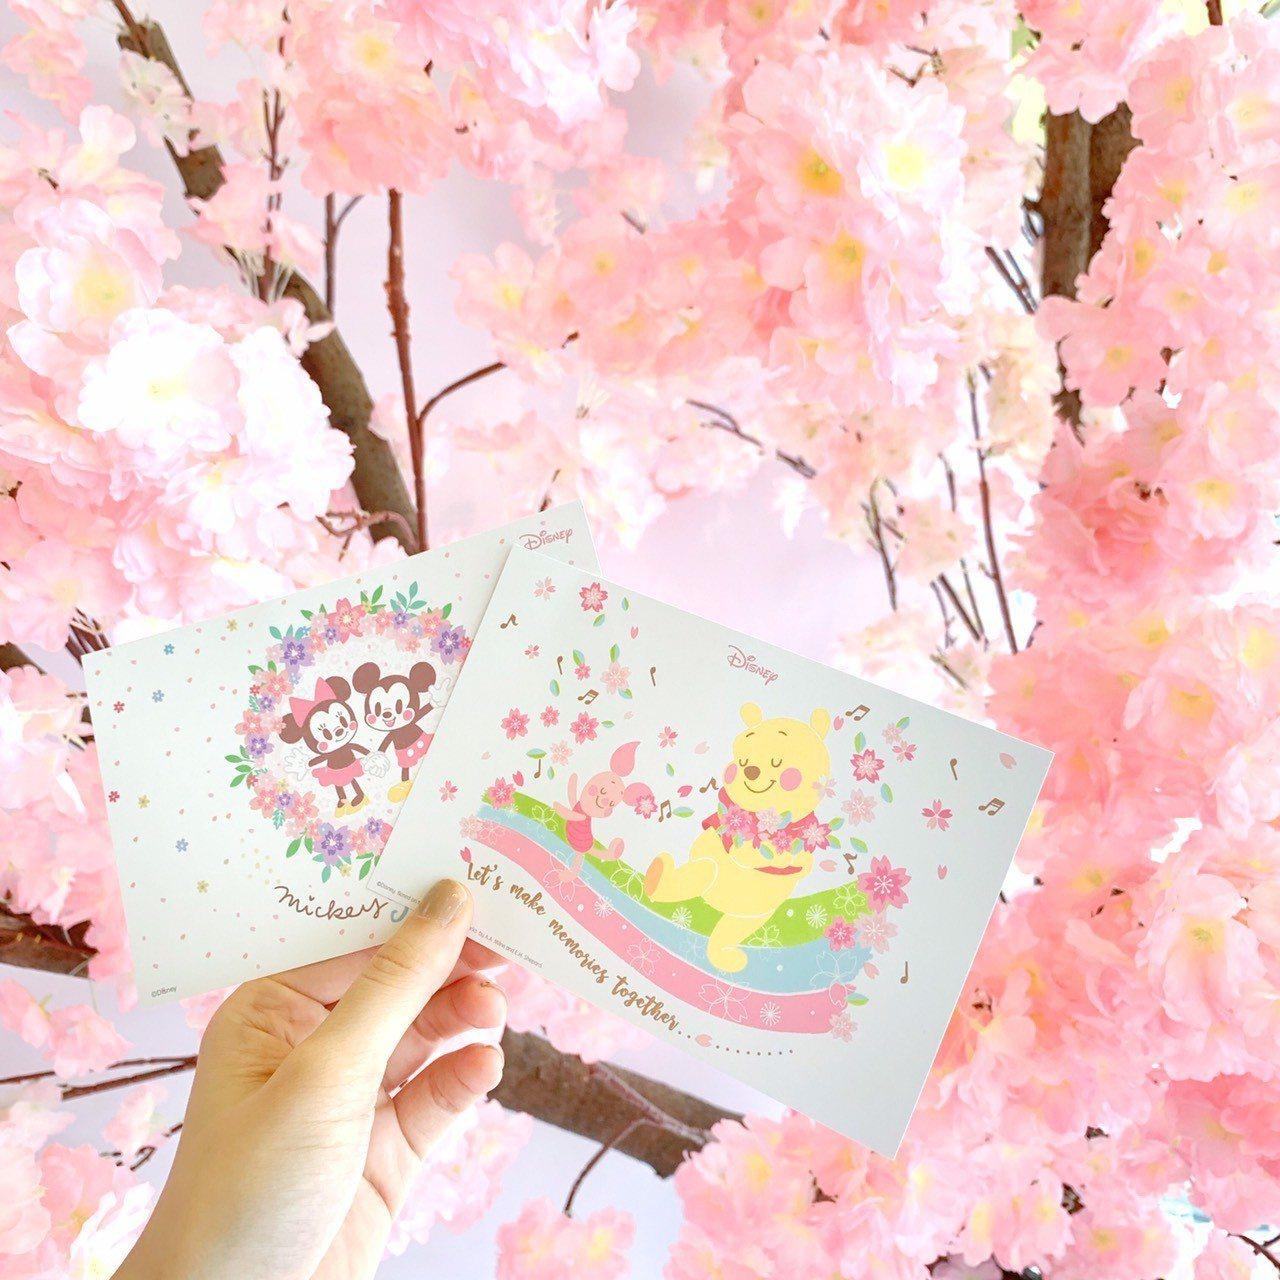 活動期間於拍照區拍照打卡Hashtag #迪士尼櫻花季或是消費滿699元,可獲得...